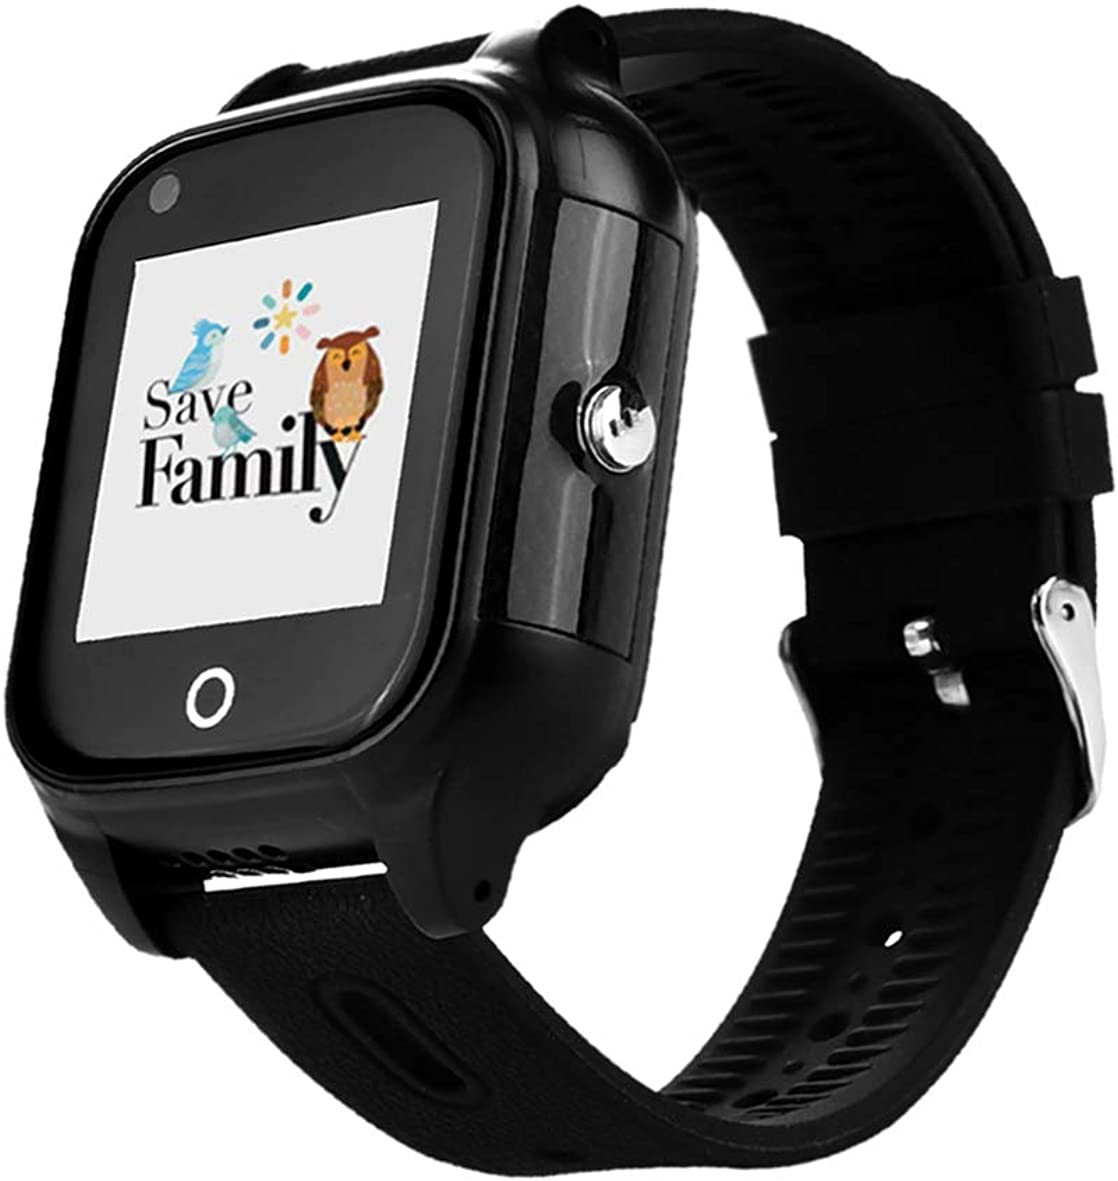 Reloj-Smartwacth 4G Urban con Videollamada & GPS instantáneo para Infantil y Juvenil SaveFamily. WiFi, Bluetooth, identificador de Llamadas, Boton SOS Resistente al Agua Ip67. App SaveFamily